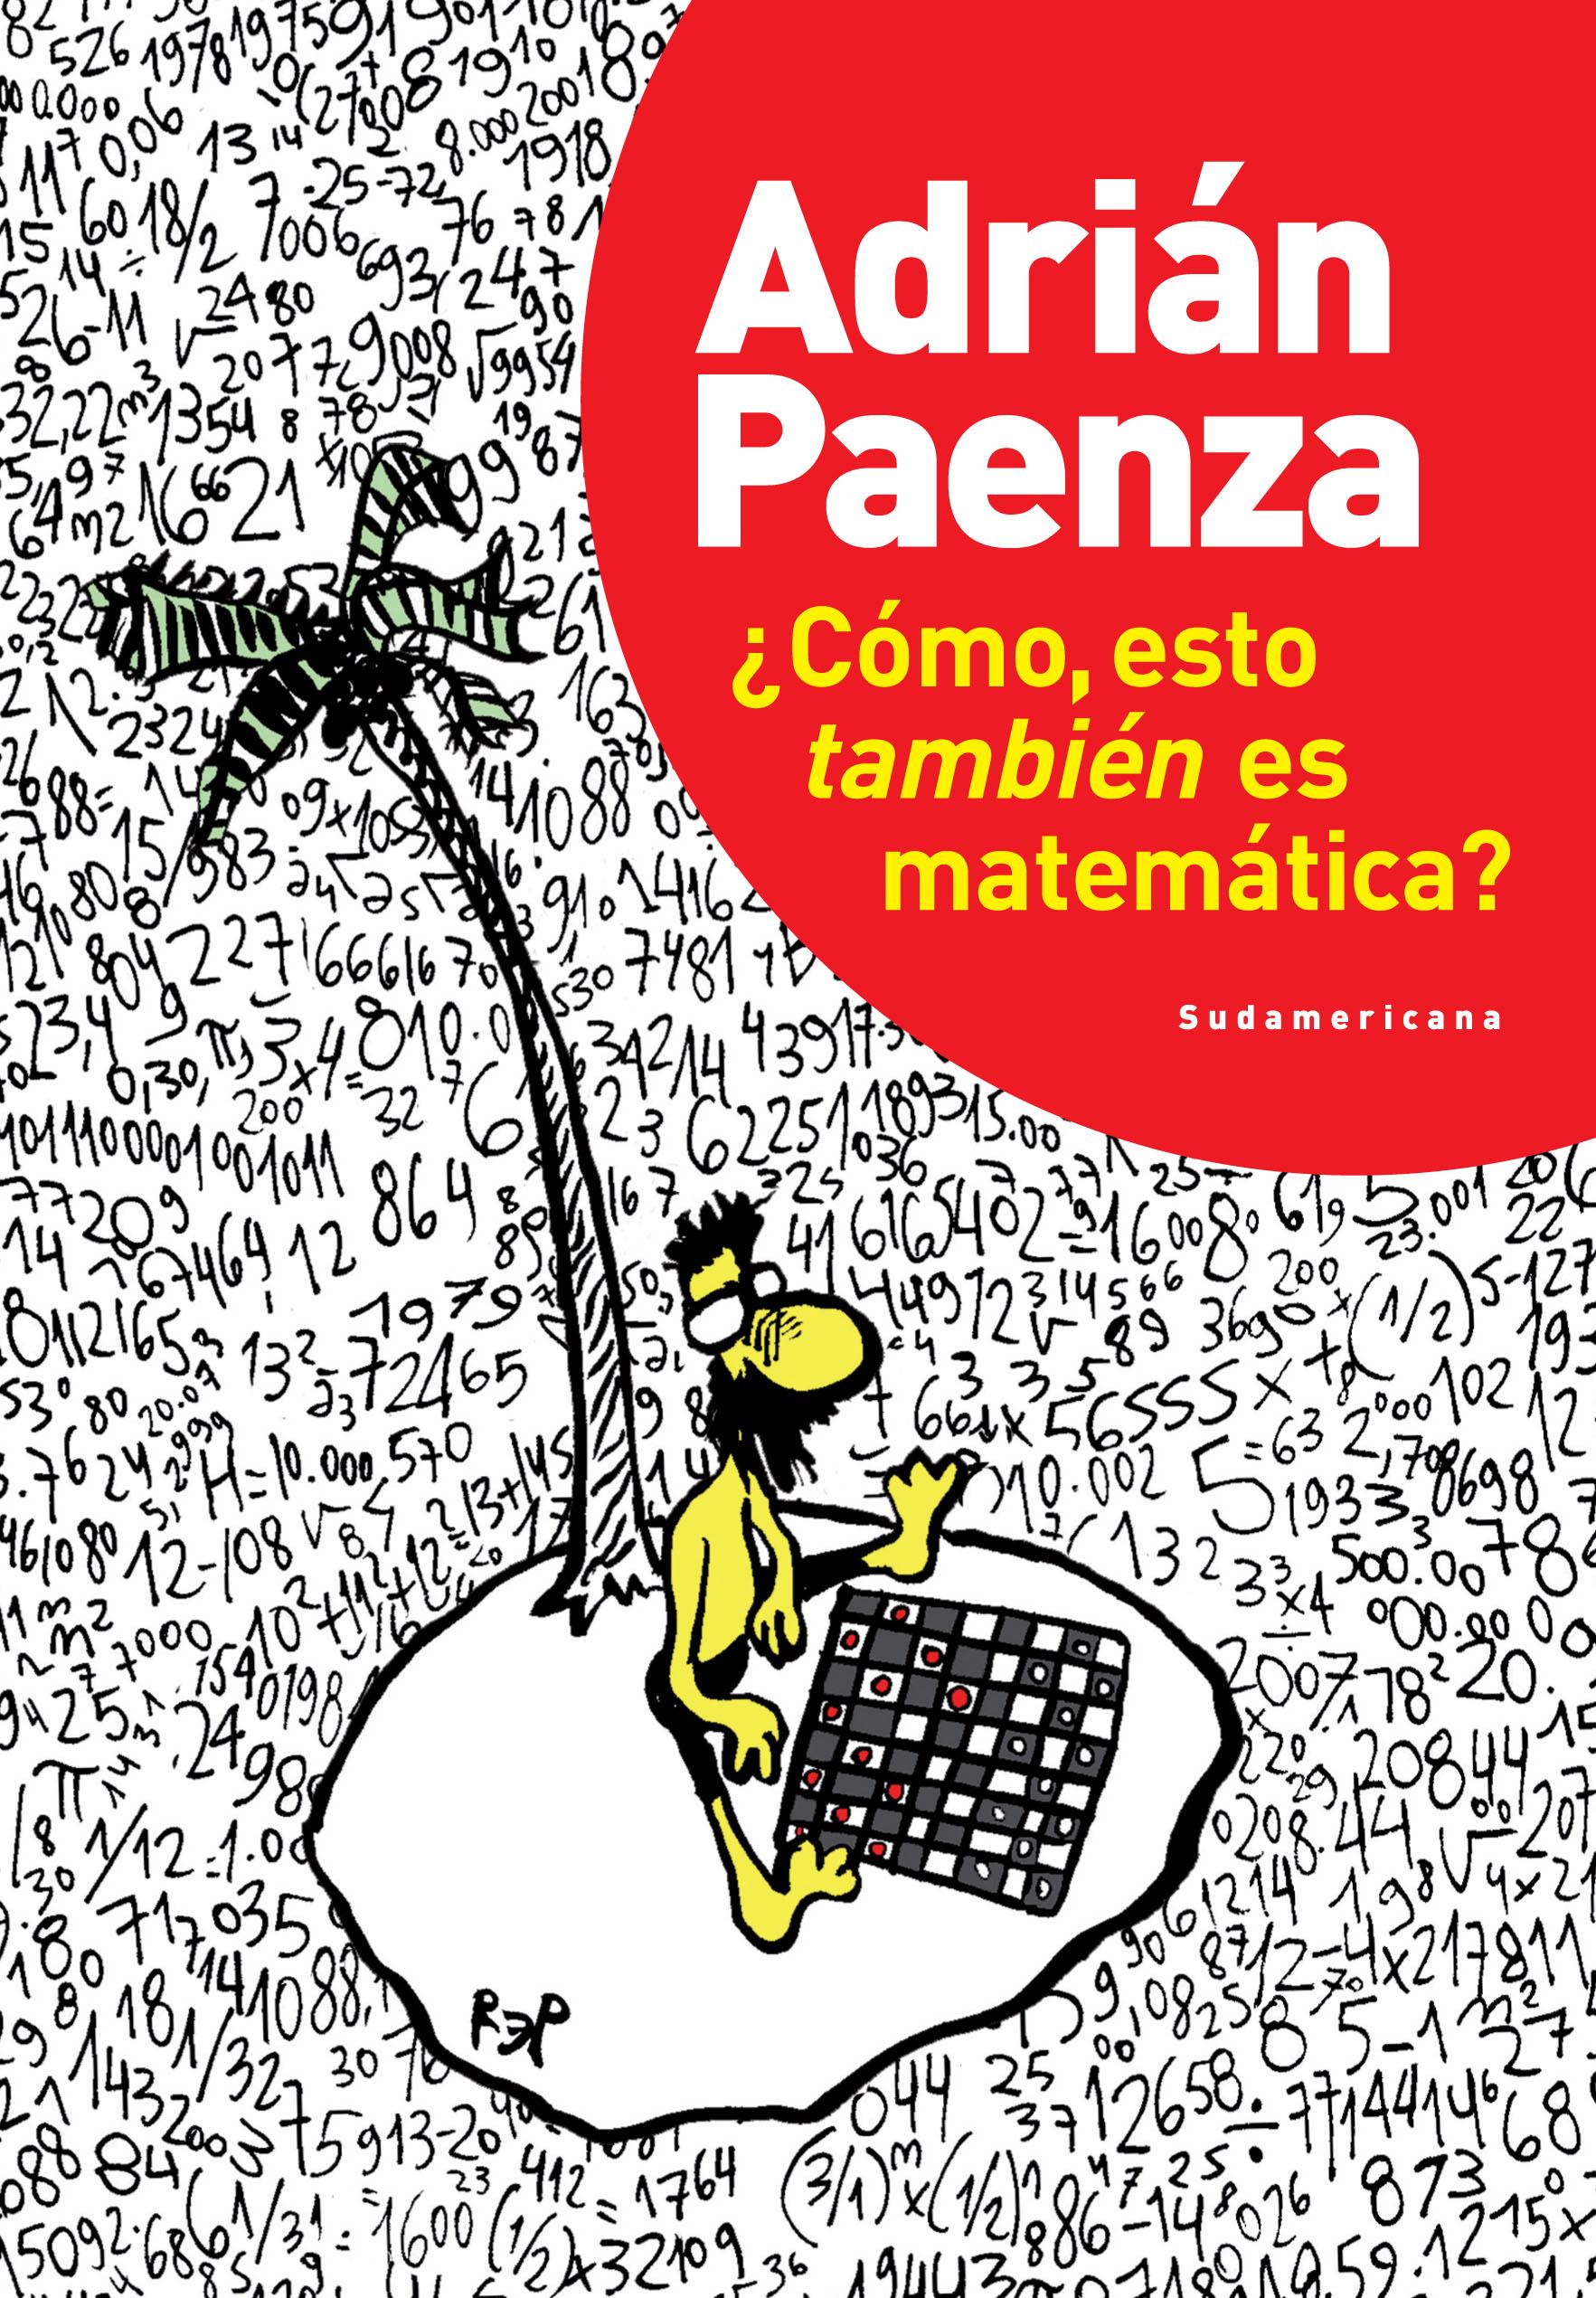 Departamento de Matematica - Libros de divulgación